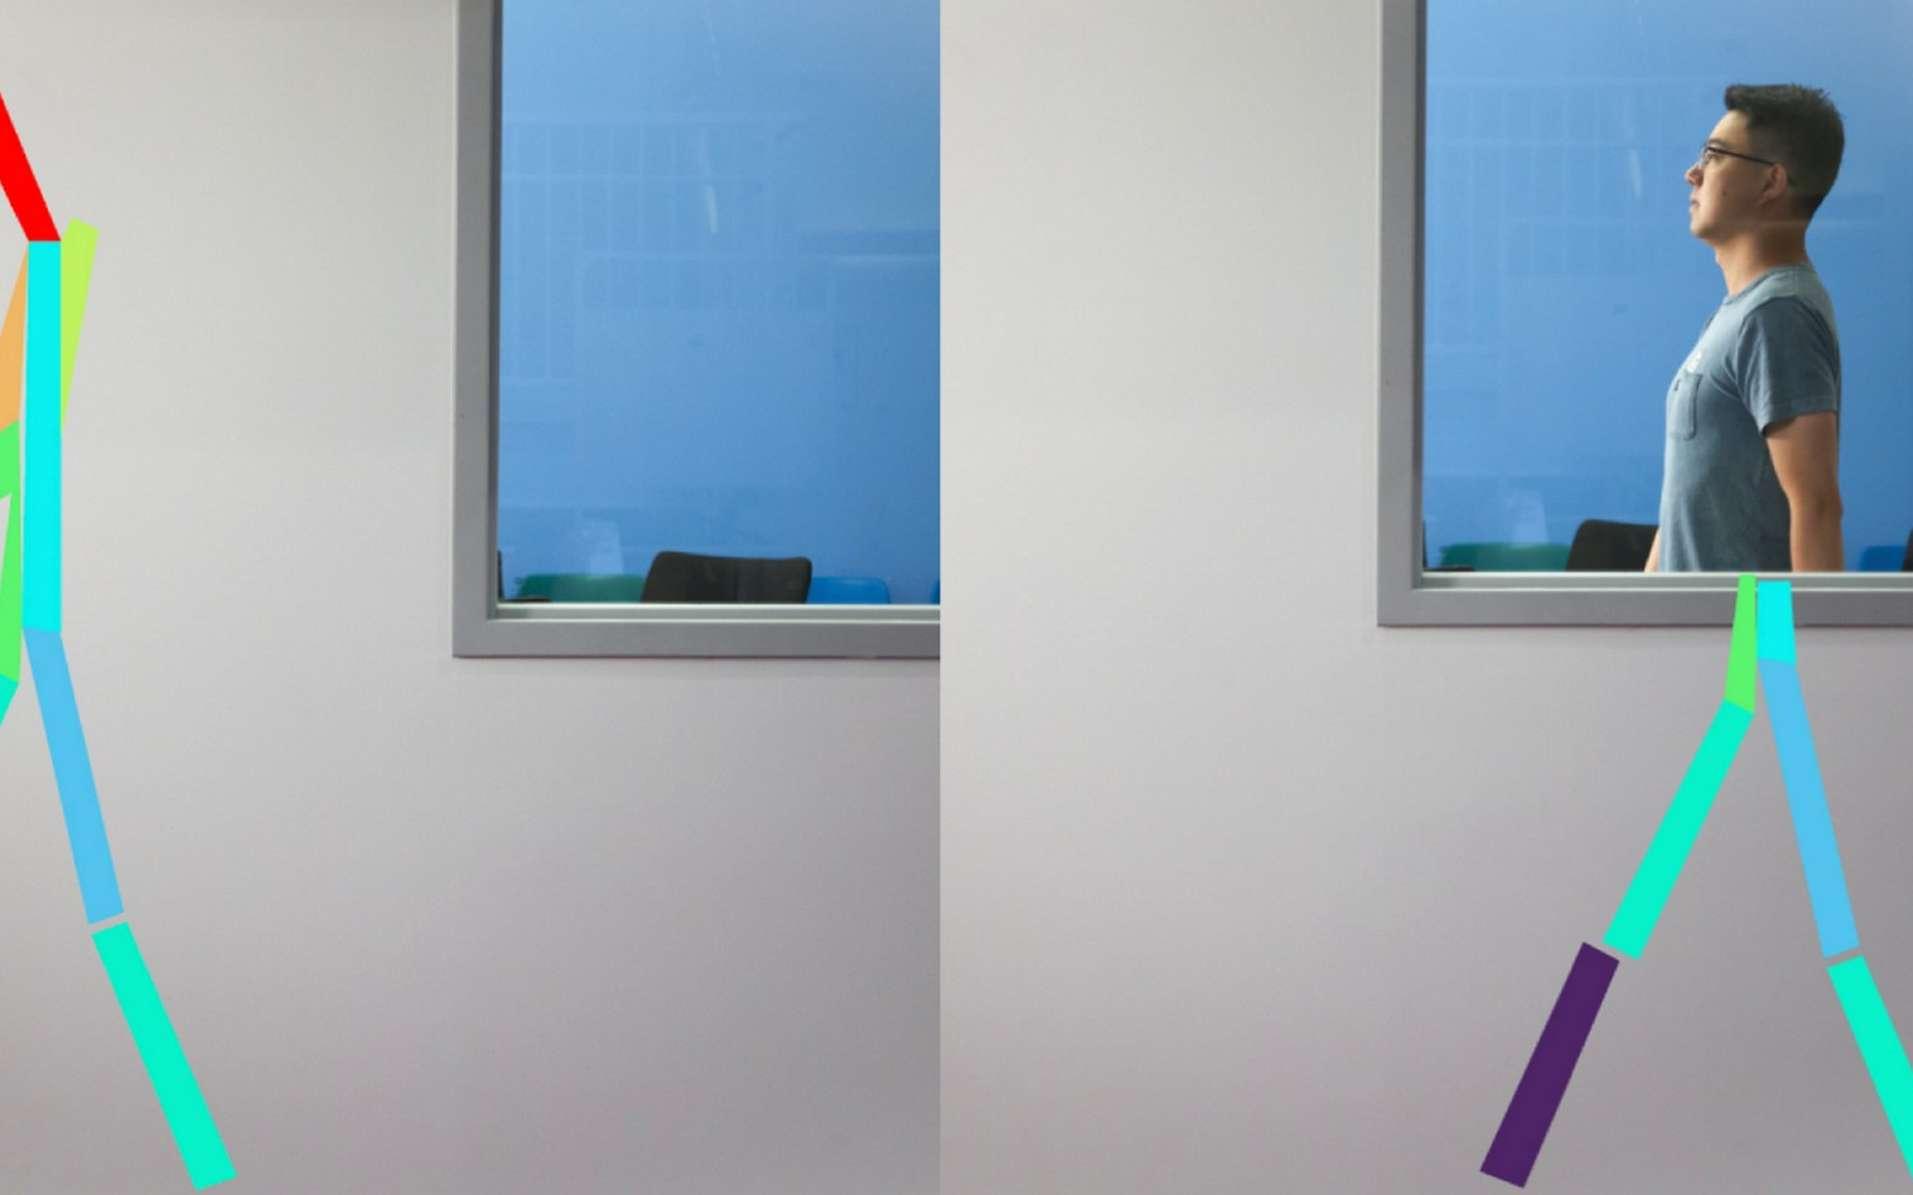 Des chercheurs pensent avoir compris comment voir à travers les murs